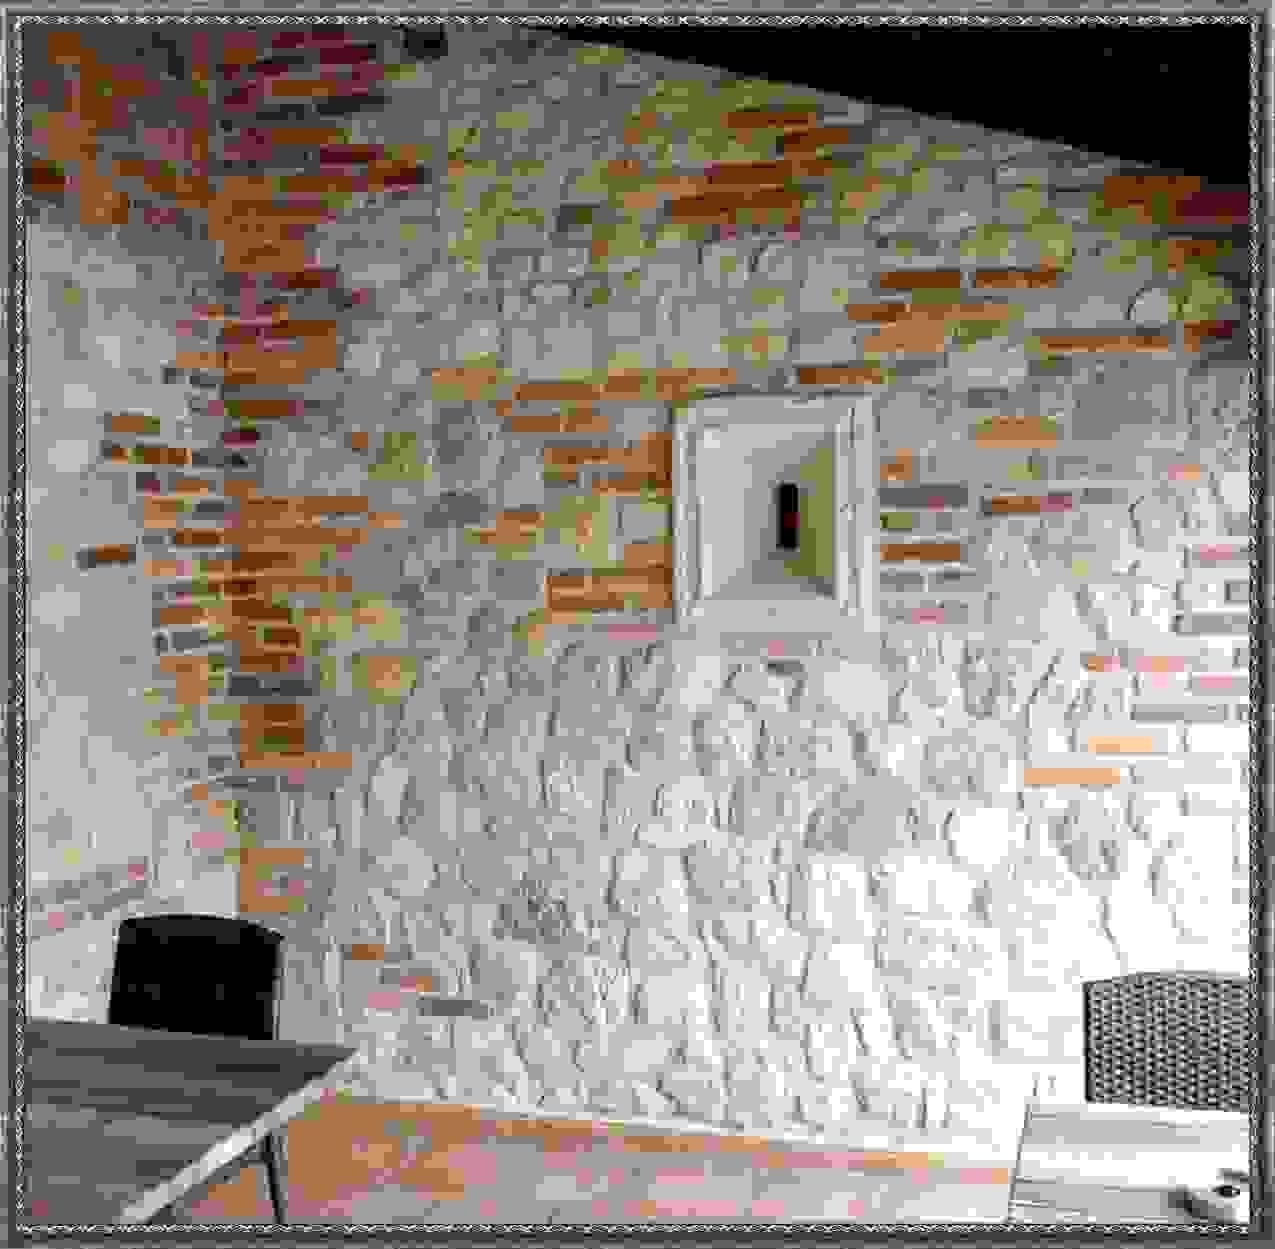 Inspirierend Wandverkleidung Stein Innen  Oxiuke von Wandverkleidung Steinoptik Kunststoff Innen Photo